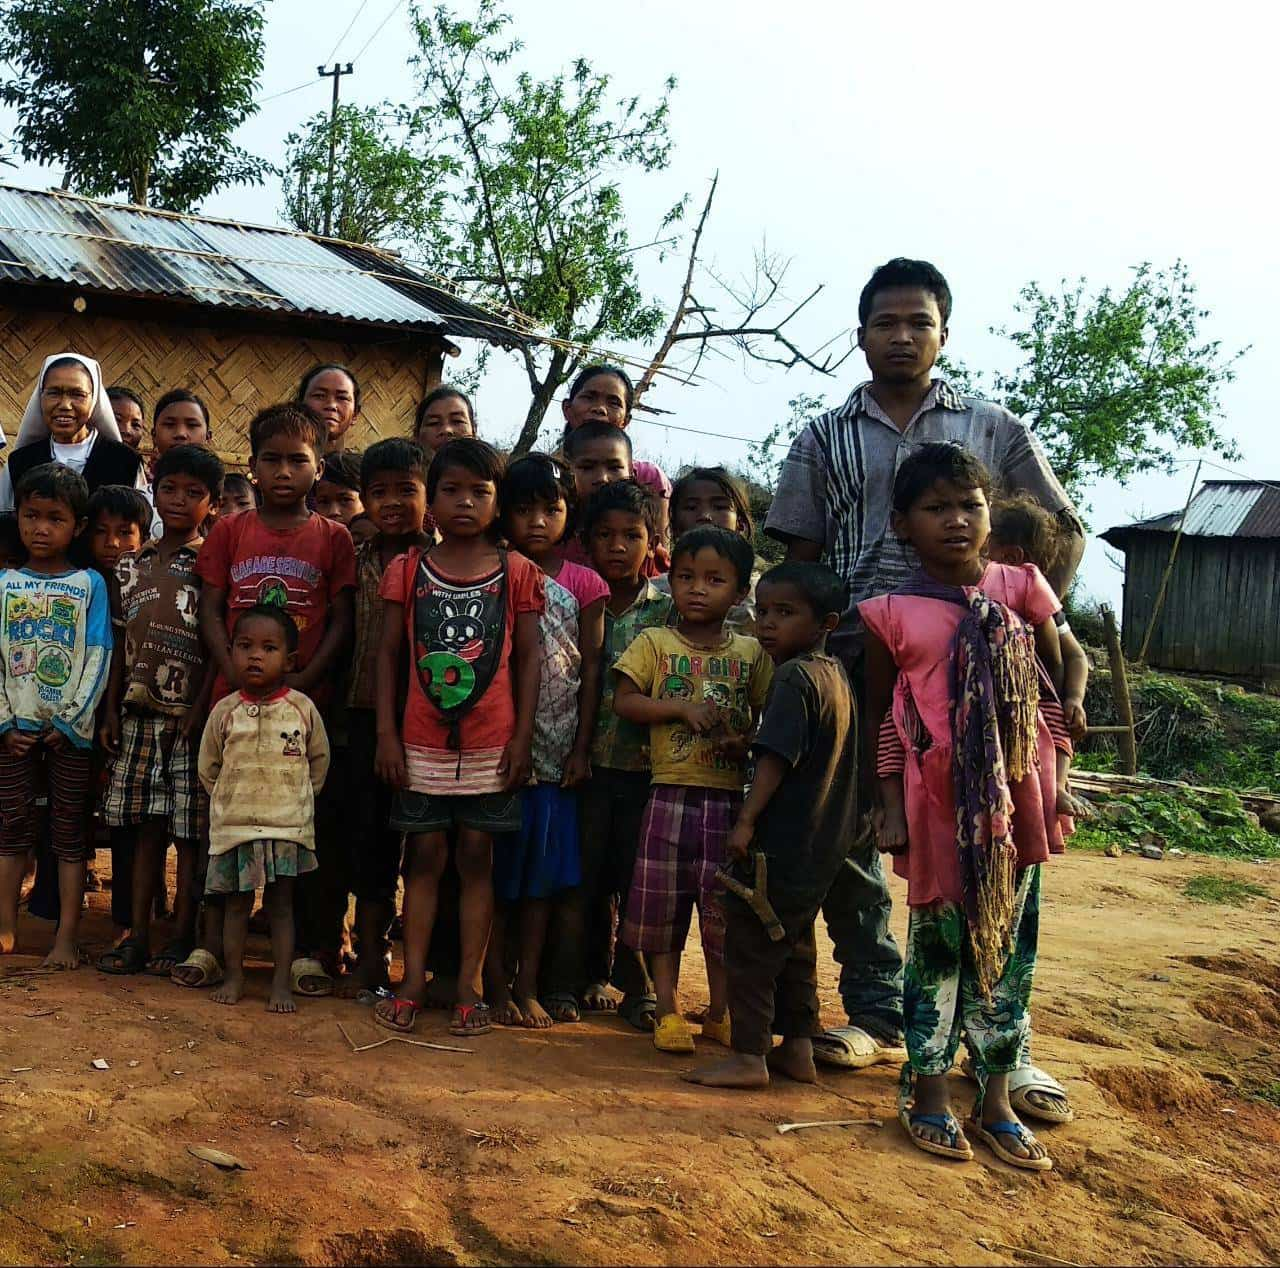 Elias Escrina Perle por el mundo y sus peripecias hasta llegar a Bangla Desh58 - Elías Escribano llega a Bangladesh. Crónica de Perlé por el mundo